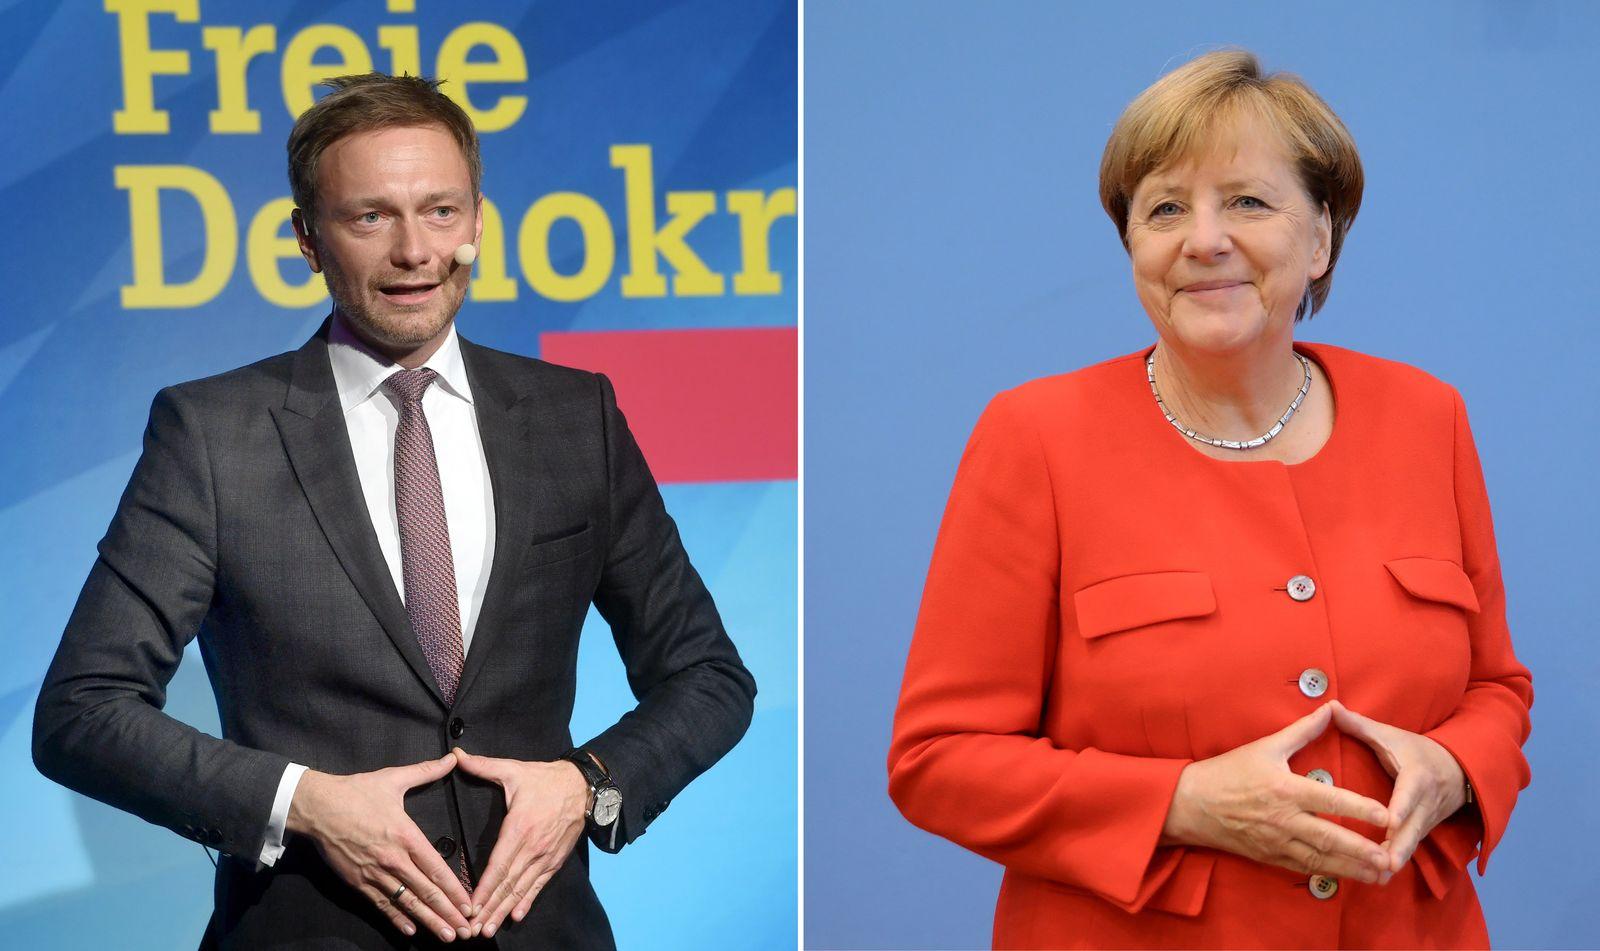 Lindner / Merkel / Kombo